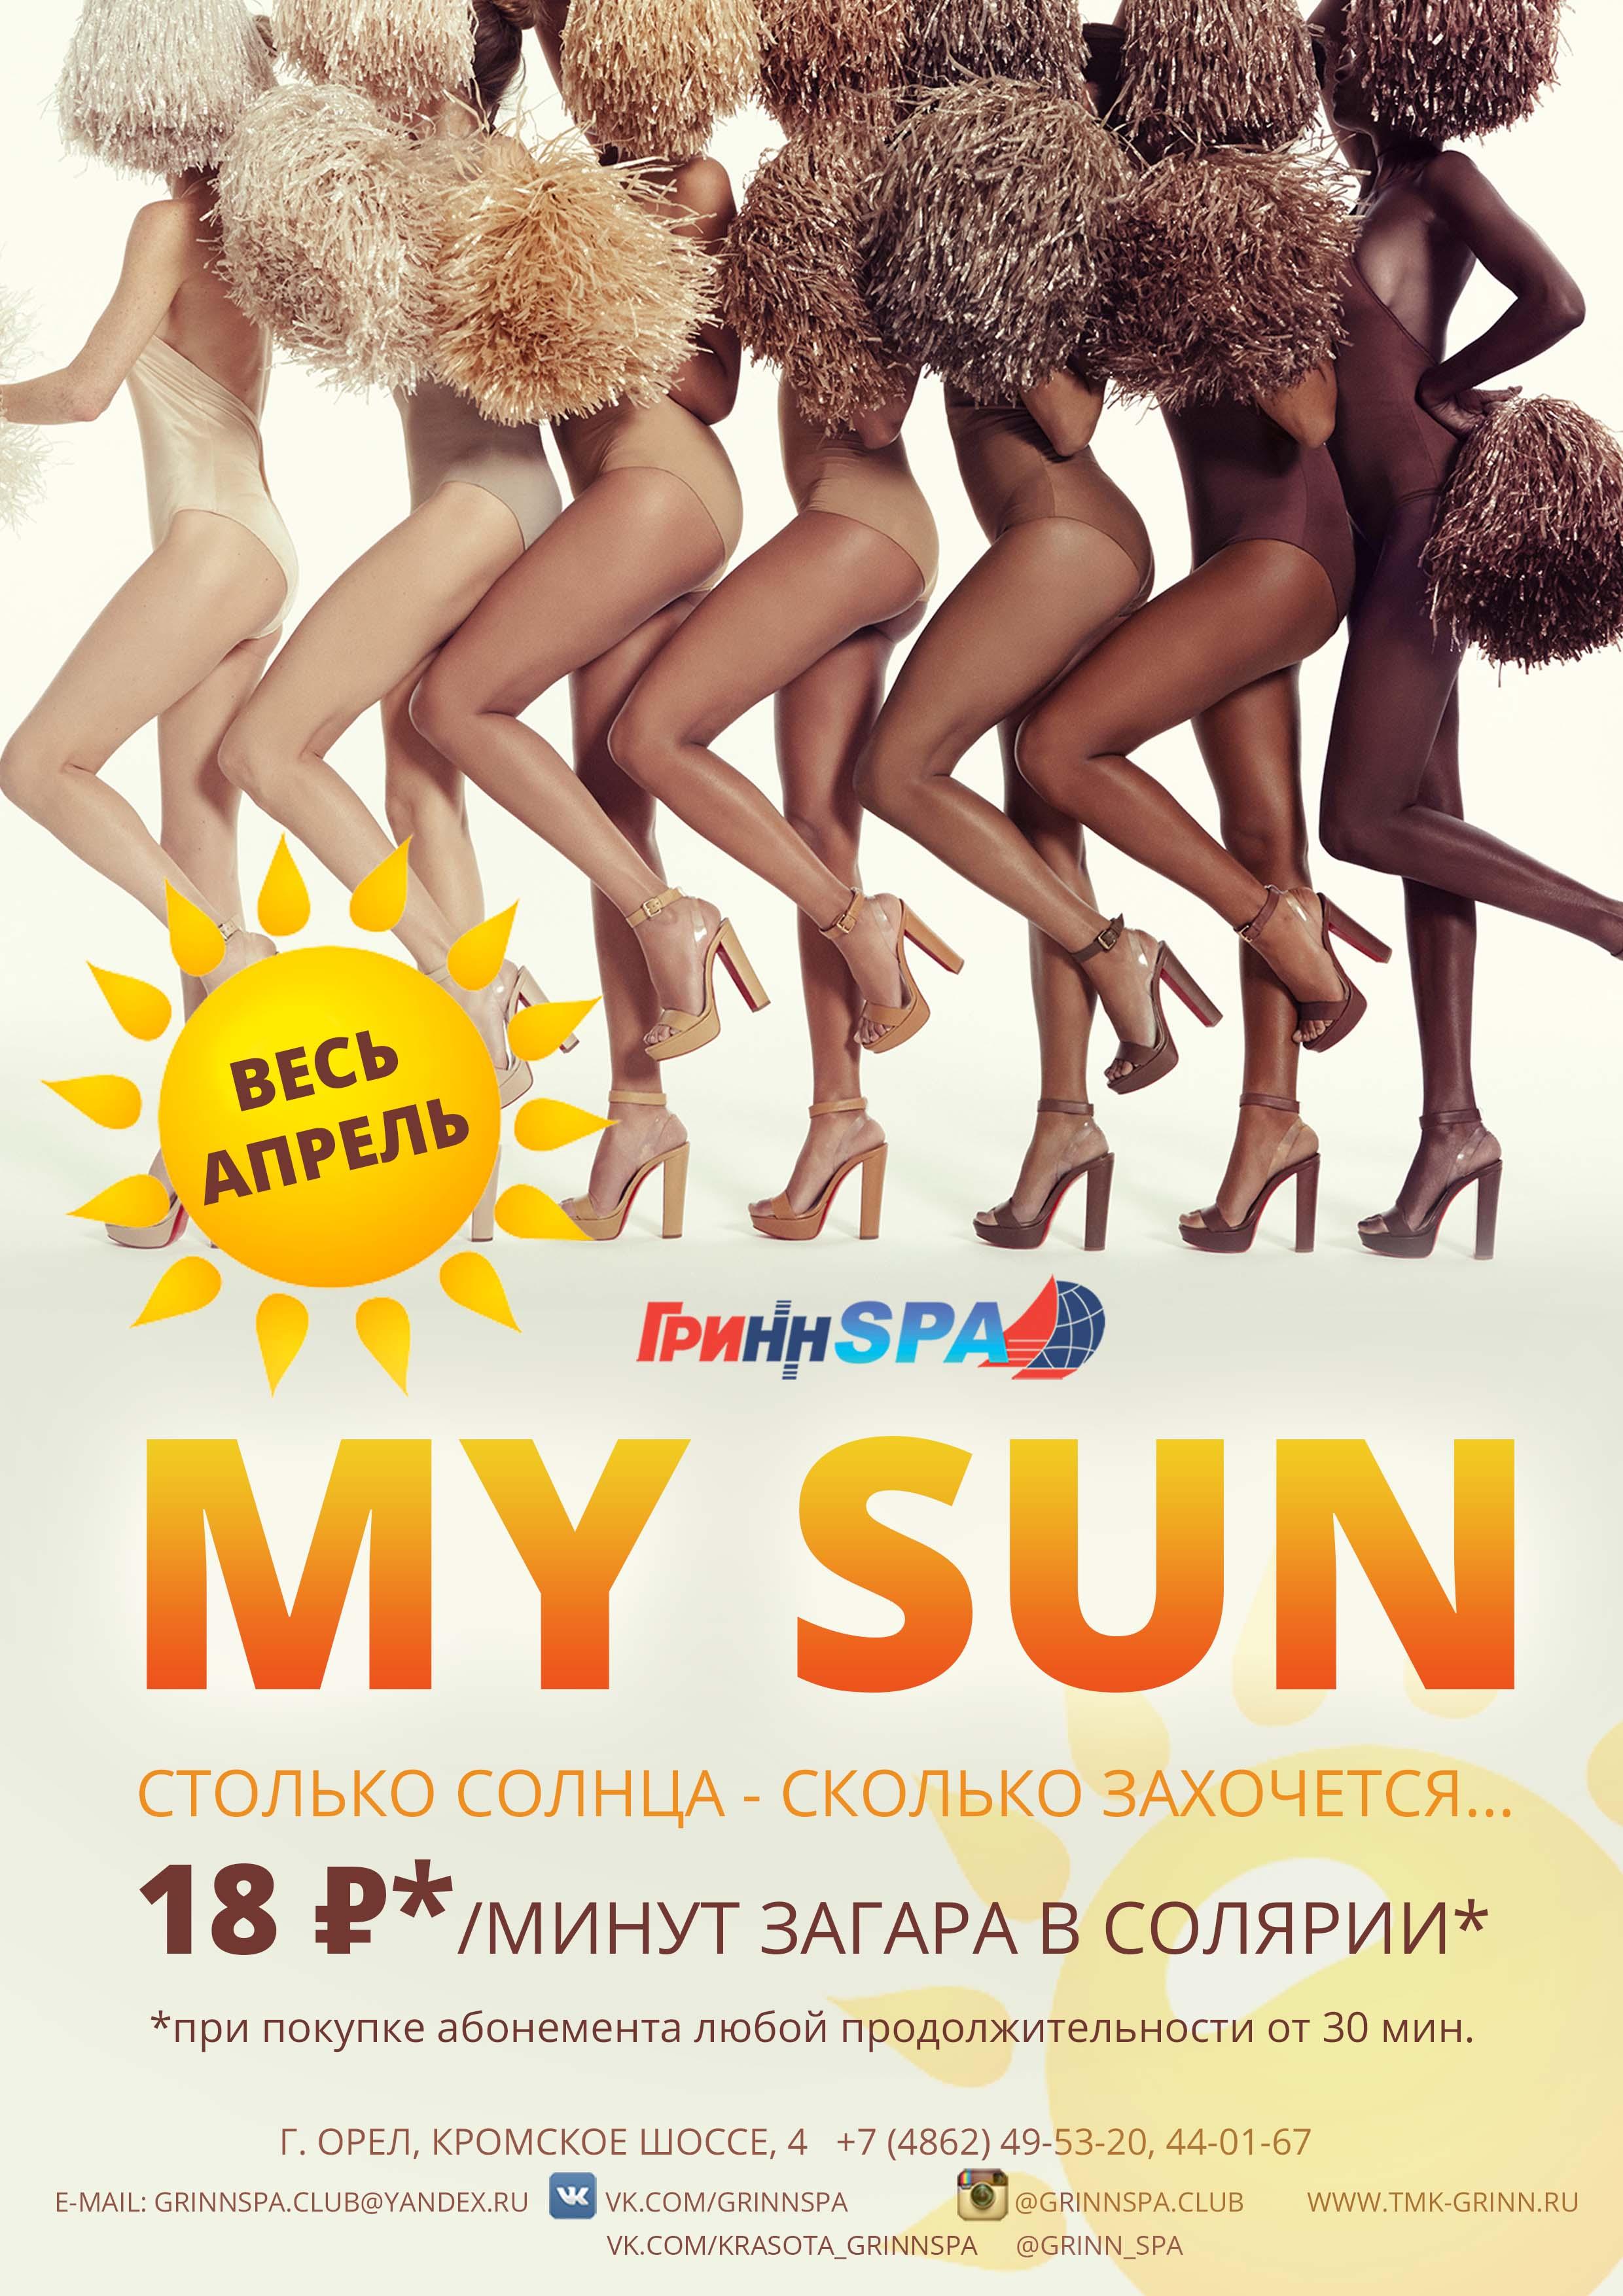 MY_SUN!